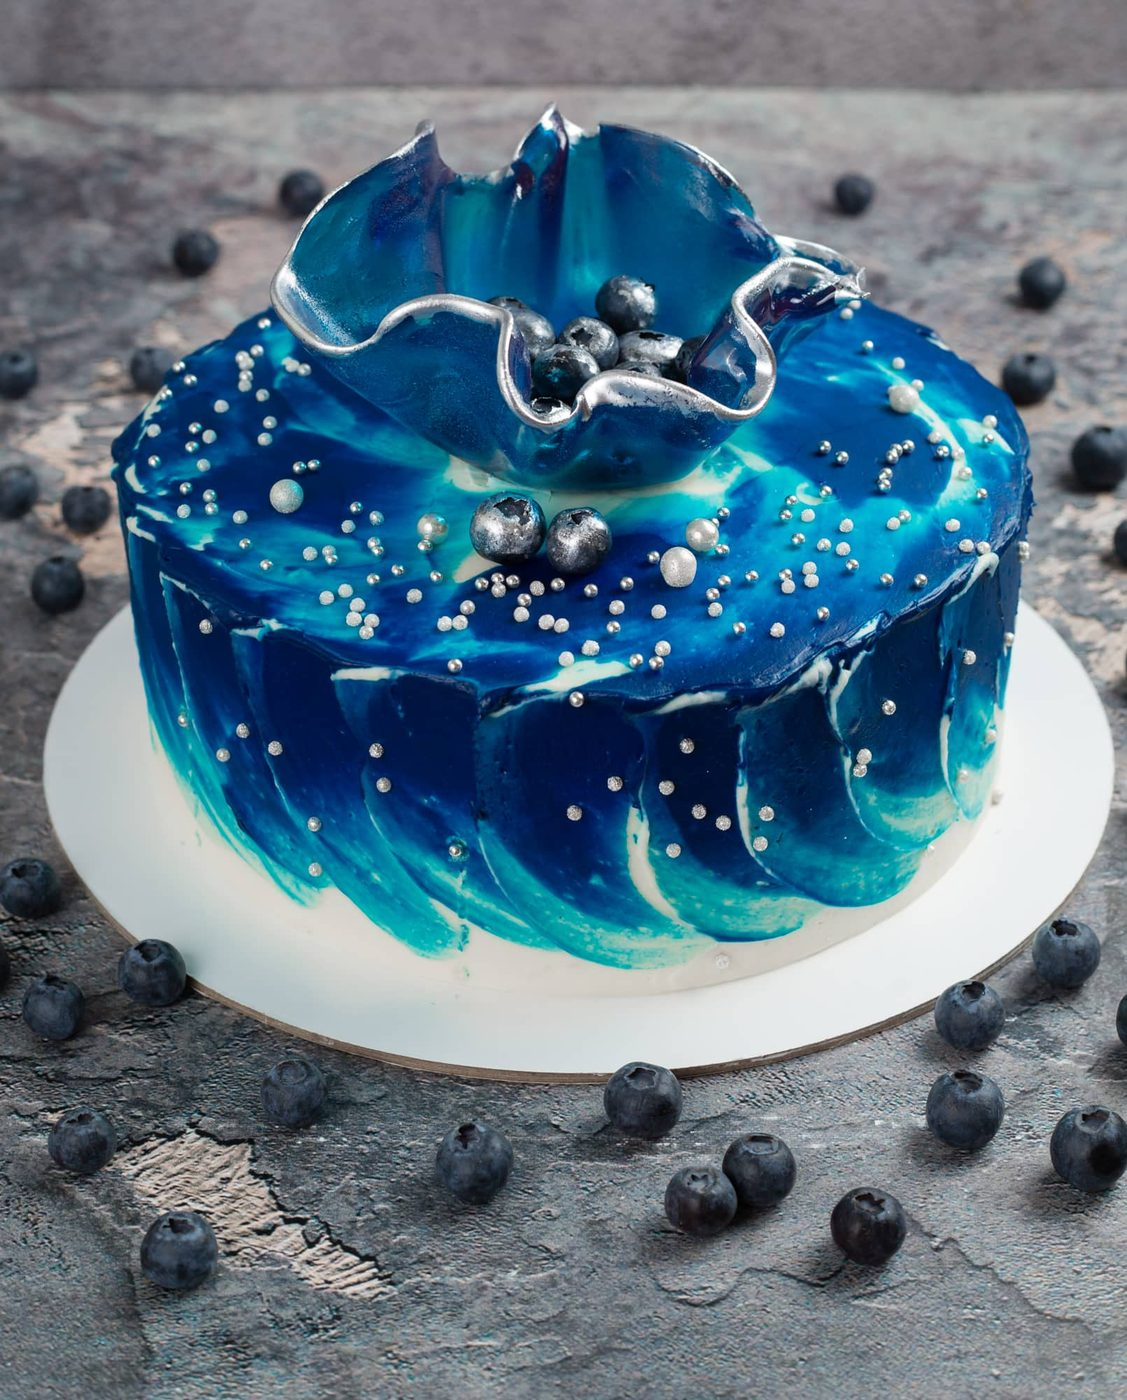 Голубой торт с вазой из изомальта